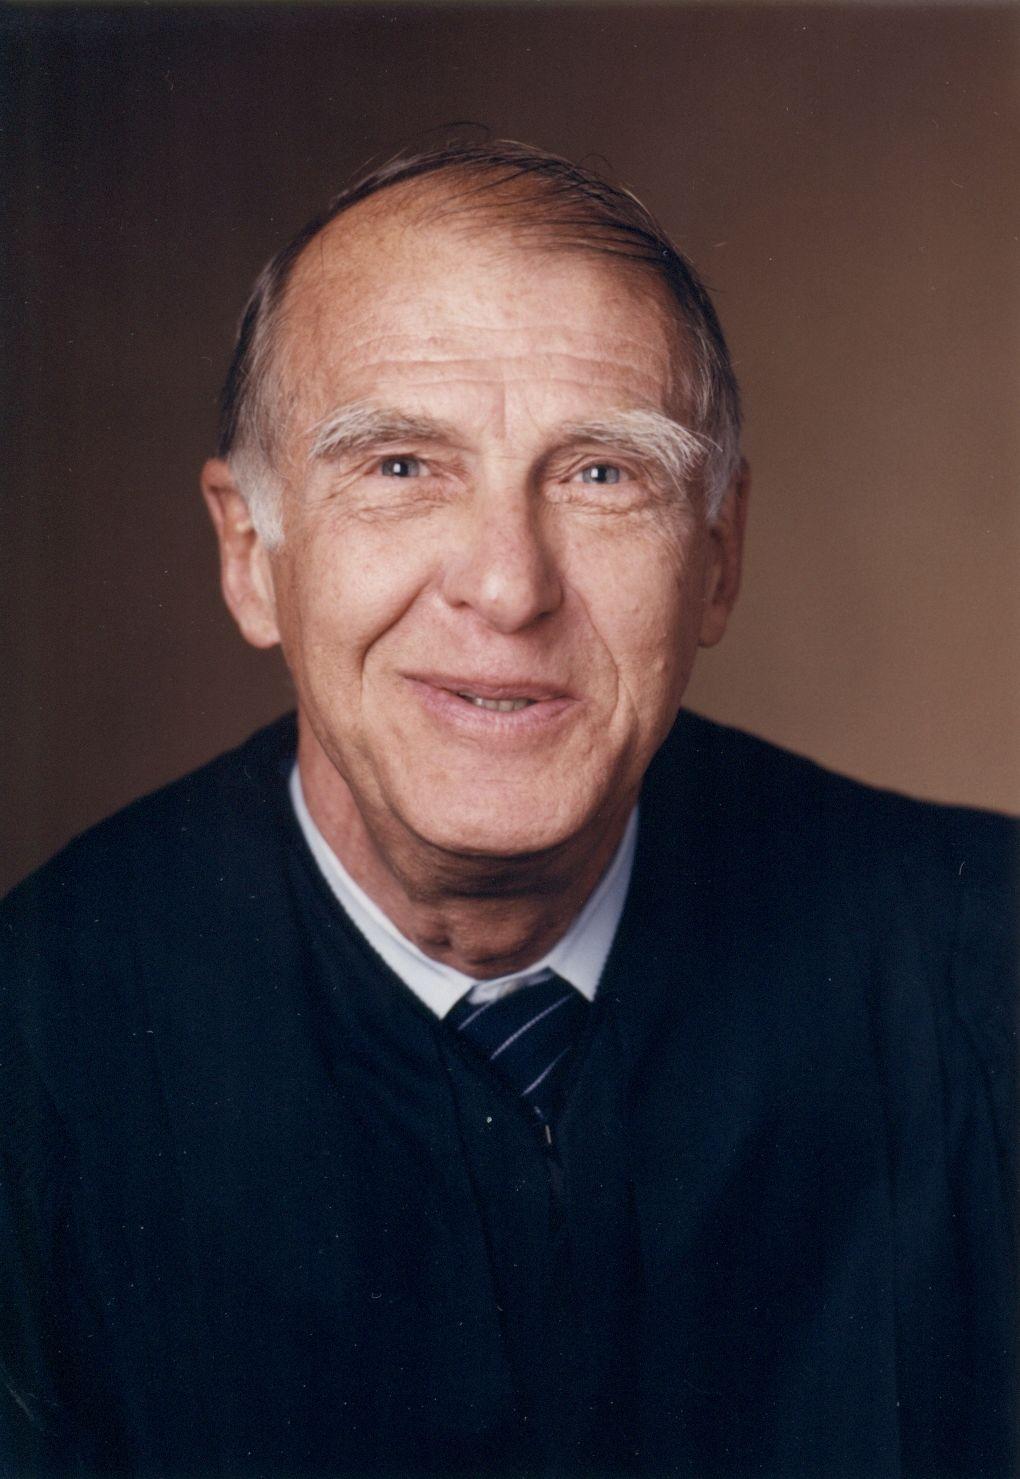 photograph of Jack Davies